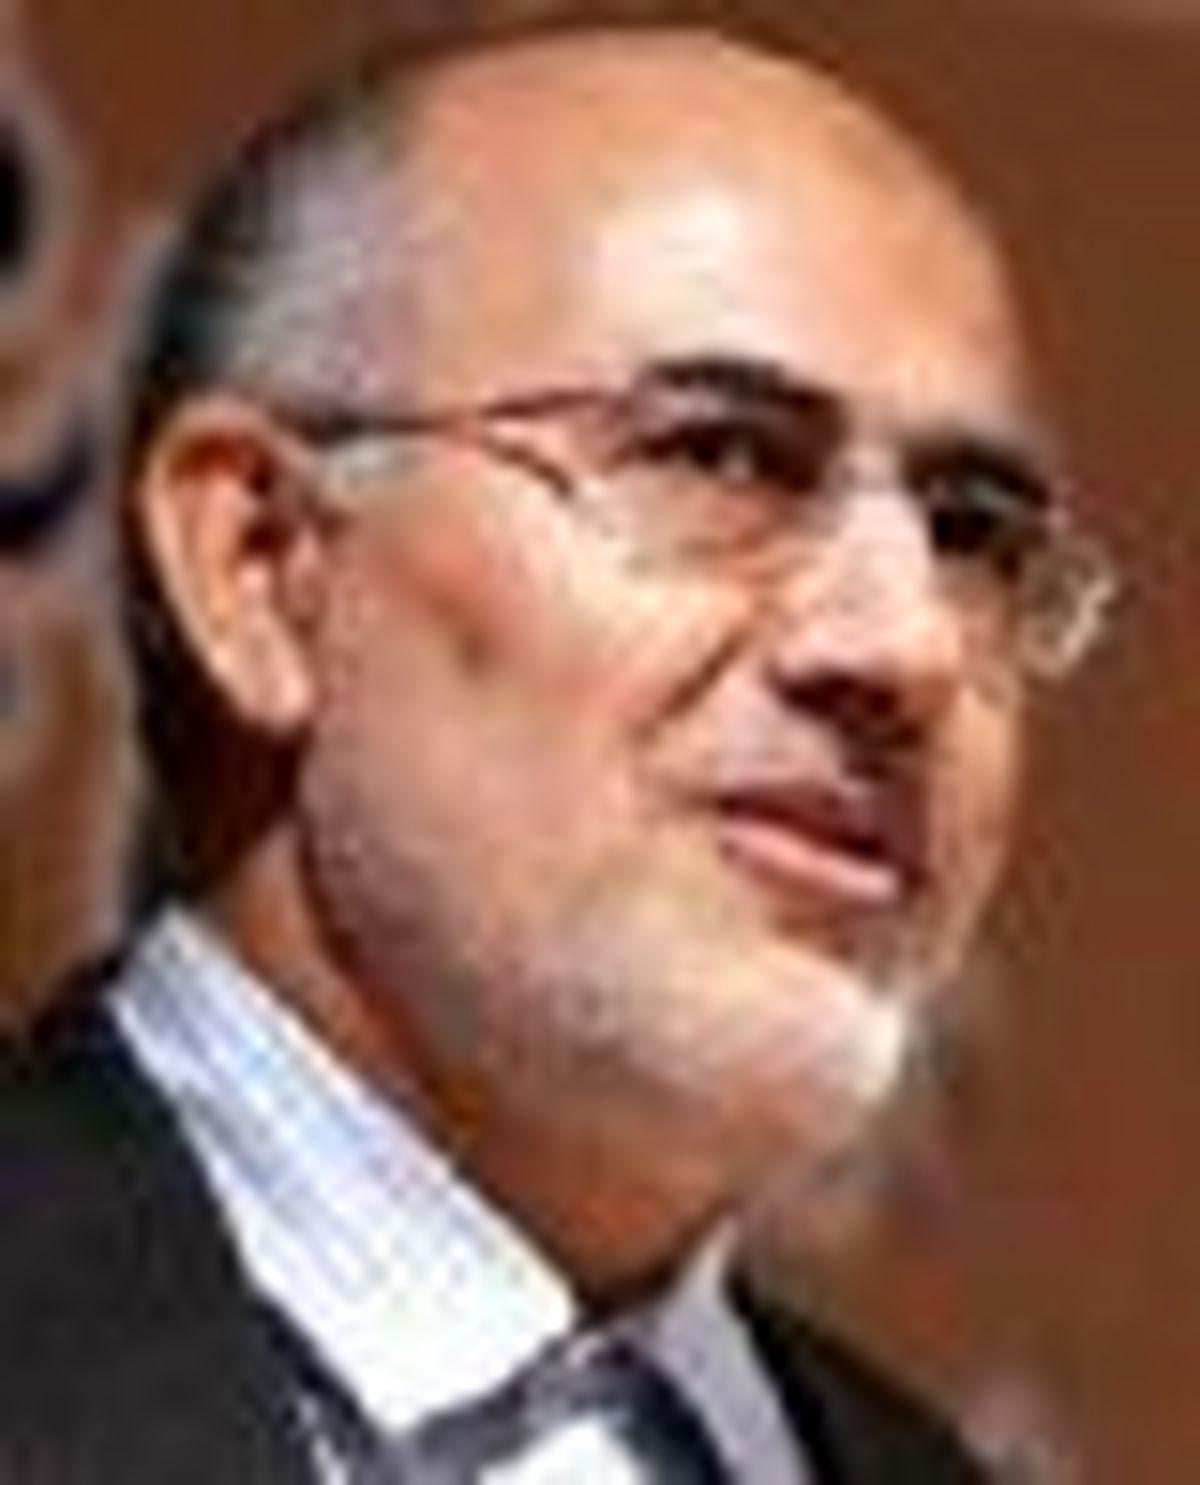 نامه کردان به احمدی نژاد درباره مدرک تحصیلی اش